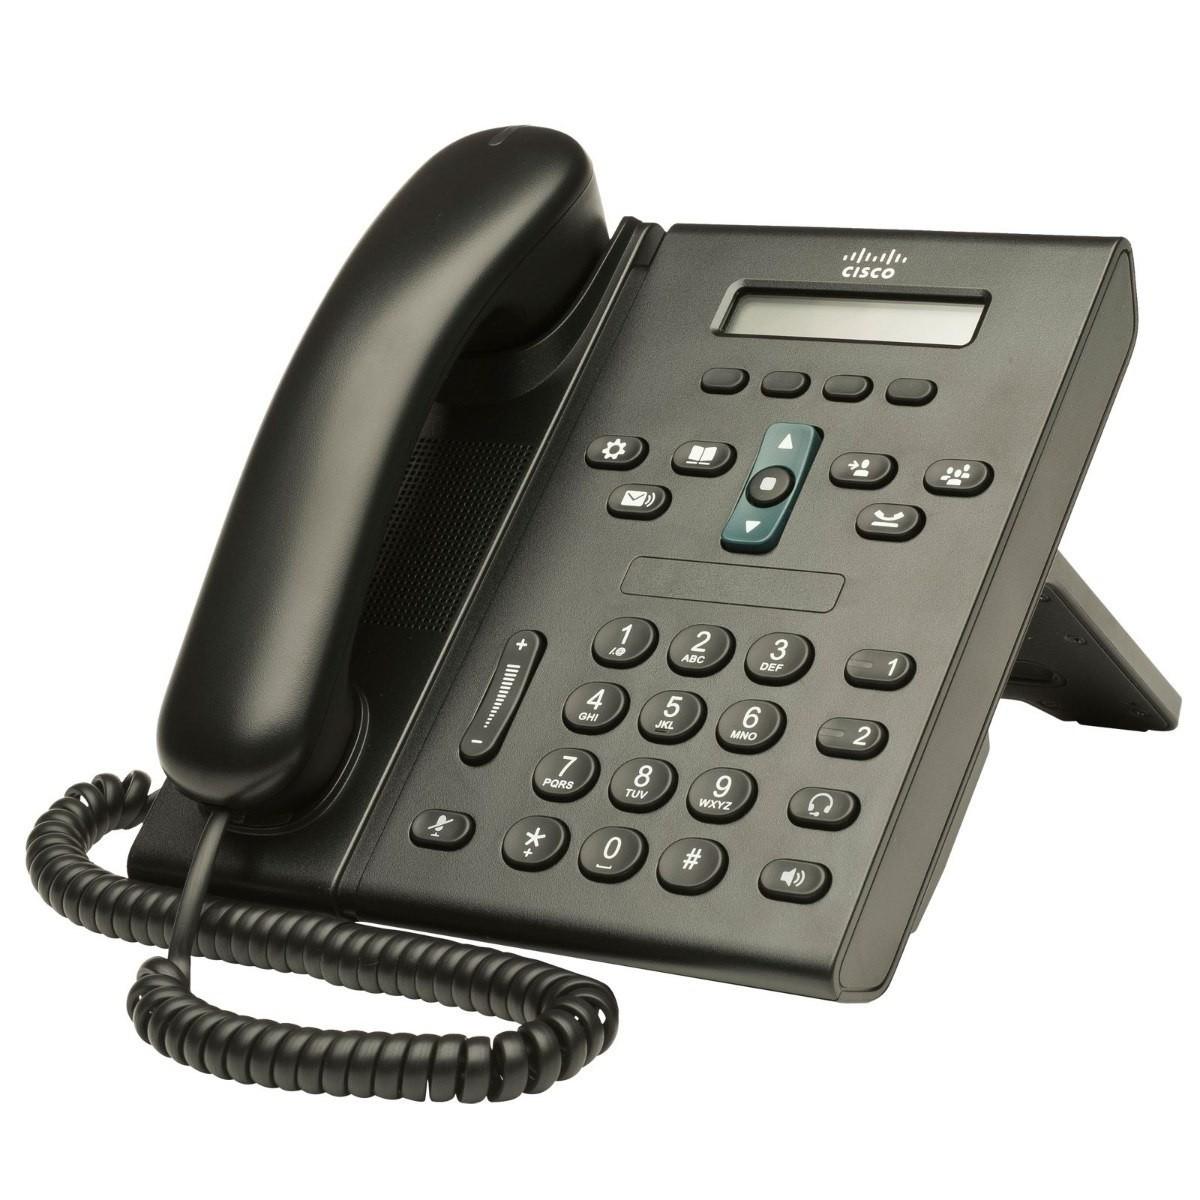 Cisco 6921 IP Phone